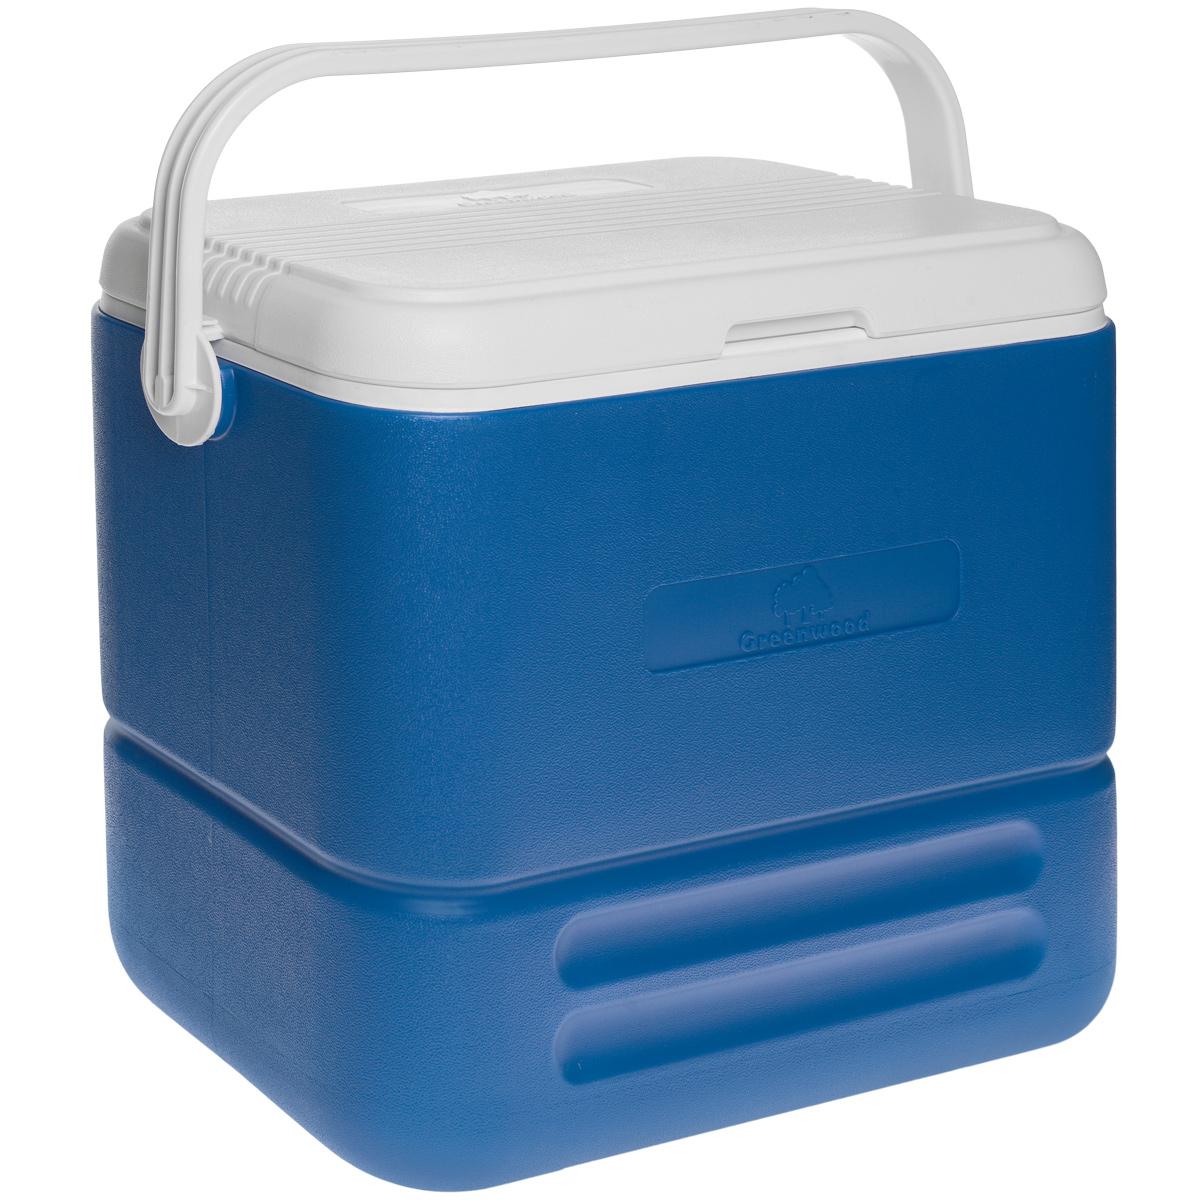 Изотермический контейнер Greenwood HS712E, 36 л, 49 см х 28,5 см х 40,5 см67743Изотермический контейнер Greenwood изготовлен из высококачественного полистирола и предназначен для сохранения определенной температуры продуктов во время длительных поездок. Между двойными стенками находится термоизоляционный слой, который обеспечивает сохранение продуктов горячими или холодными на 12 часов. Подвижная ручка фиксирует крышку и делает более удобной переноску контейнера.